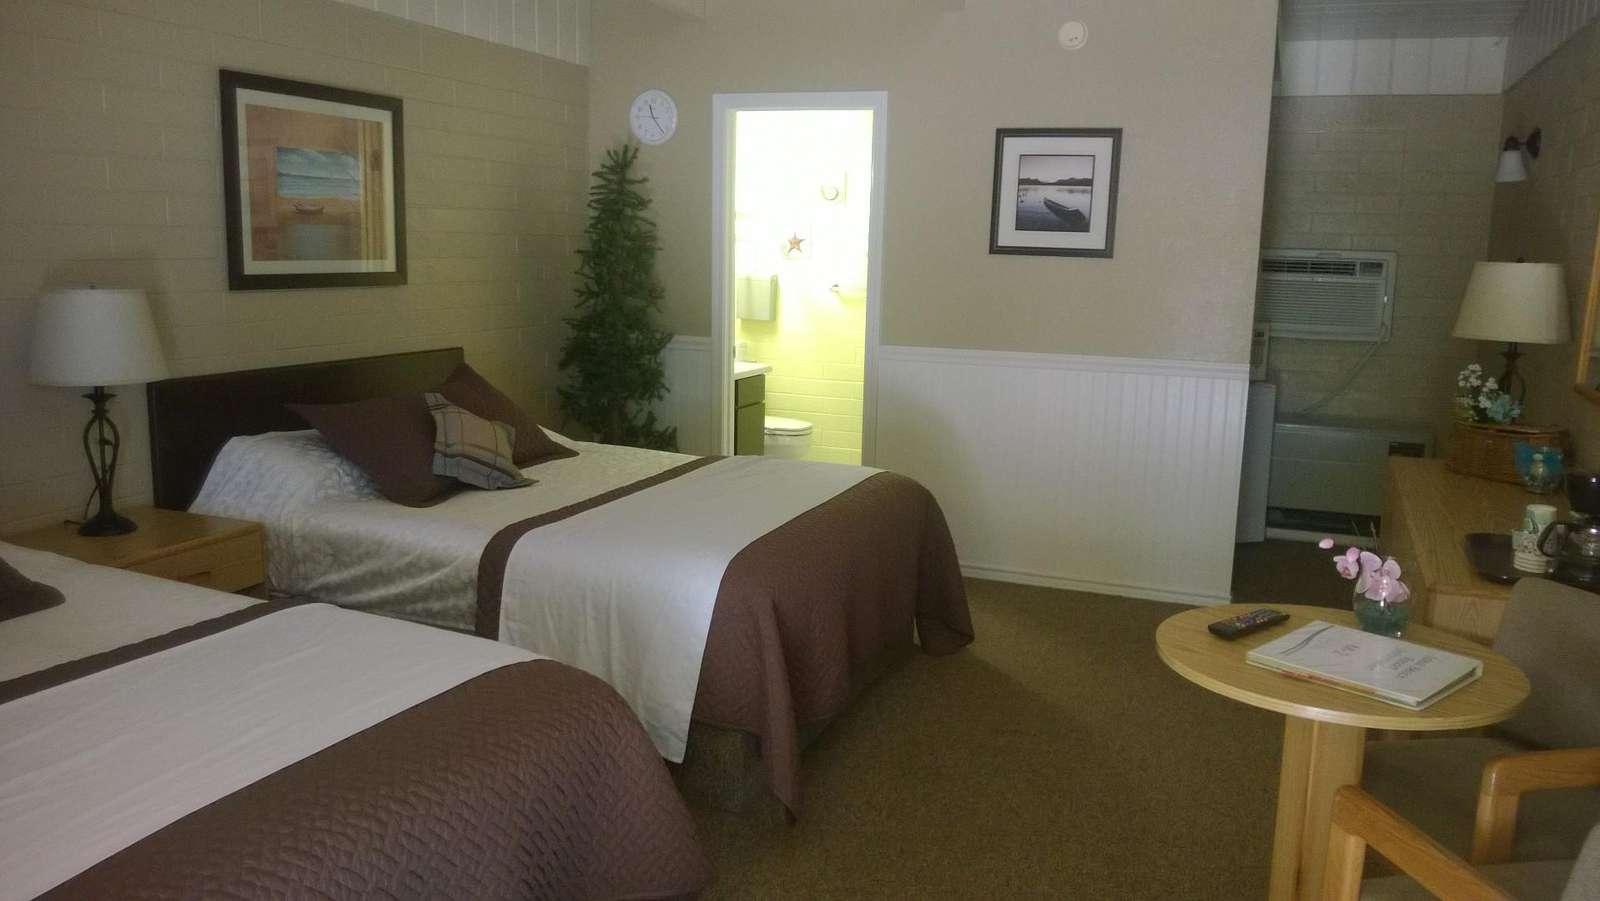 Motel Room #2